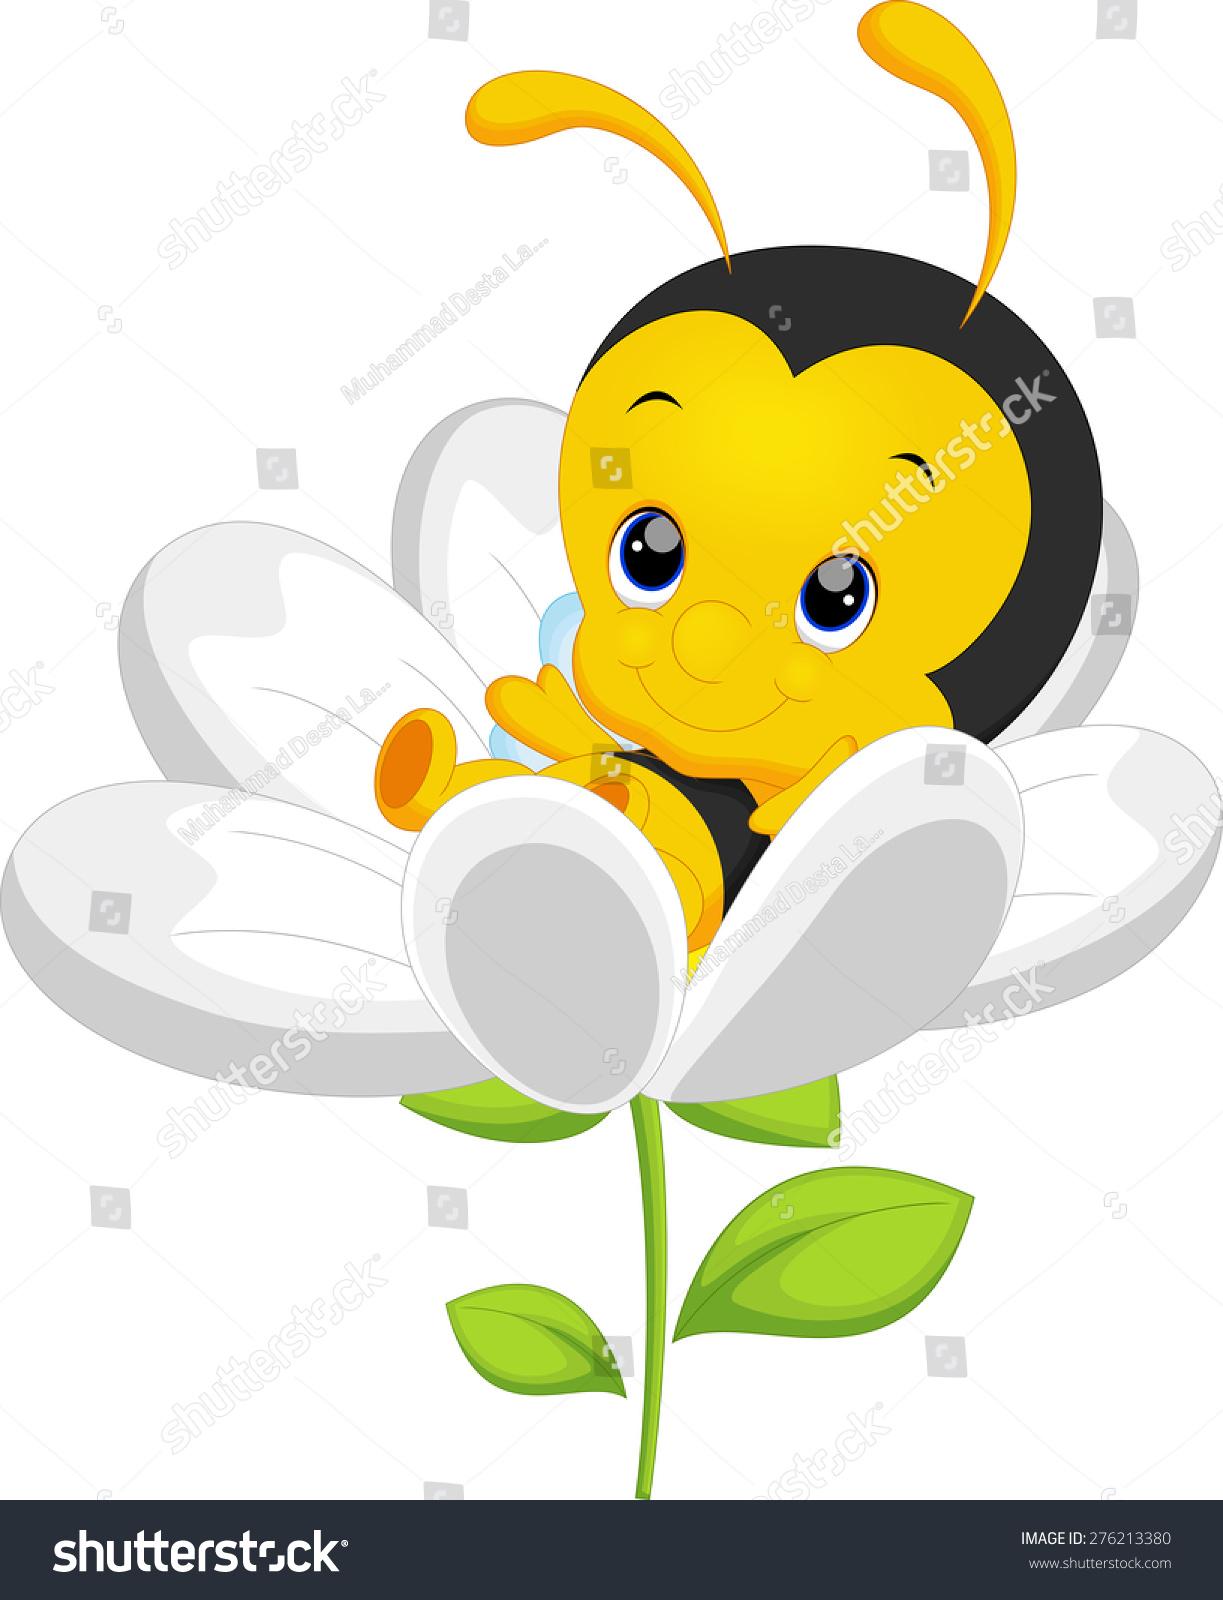 可爱的小蜜蜂在向日葵-动物/野生生物,自然-海洛创意